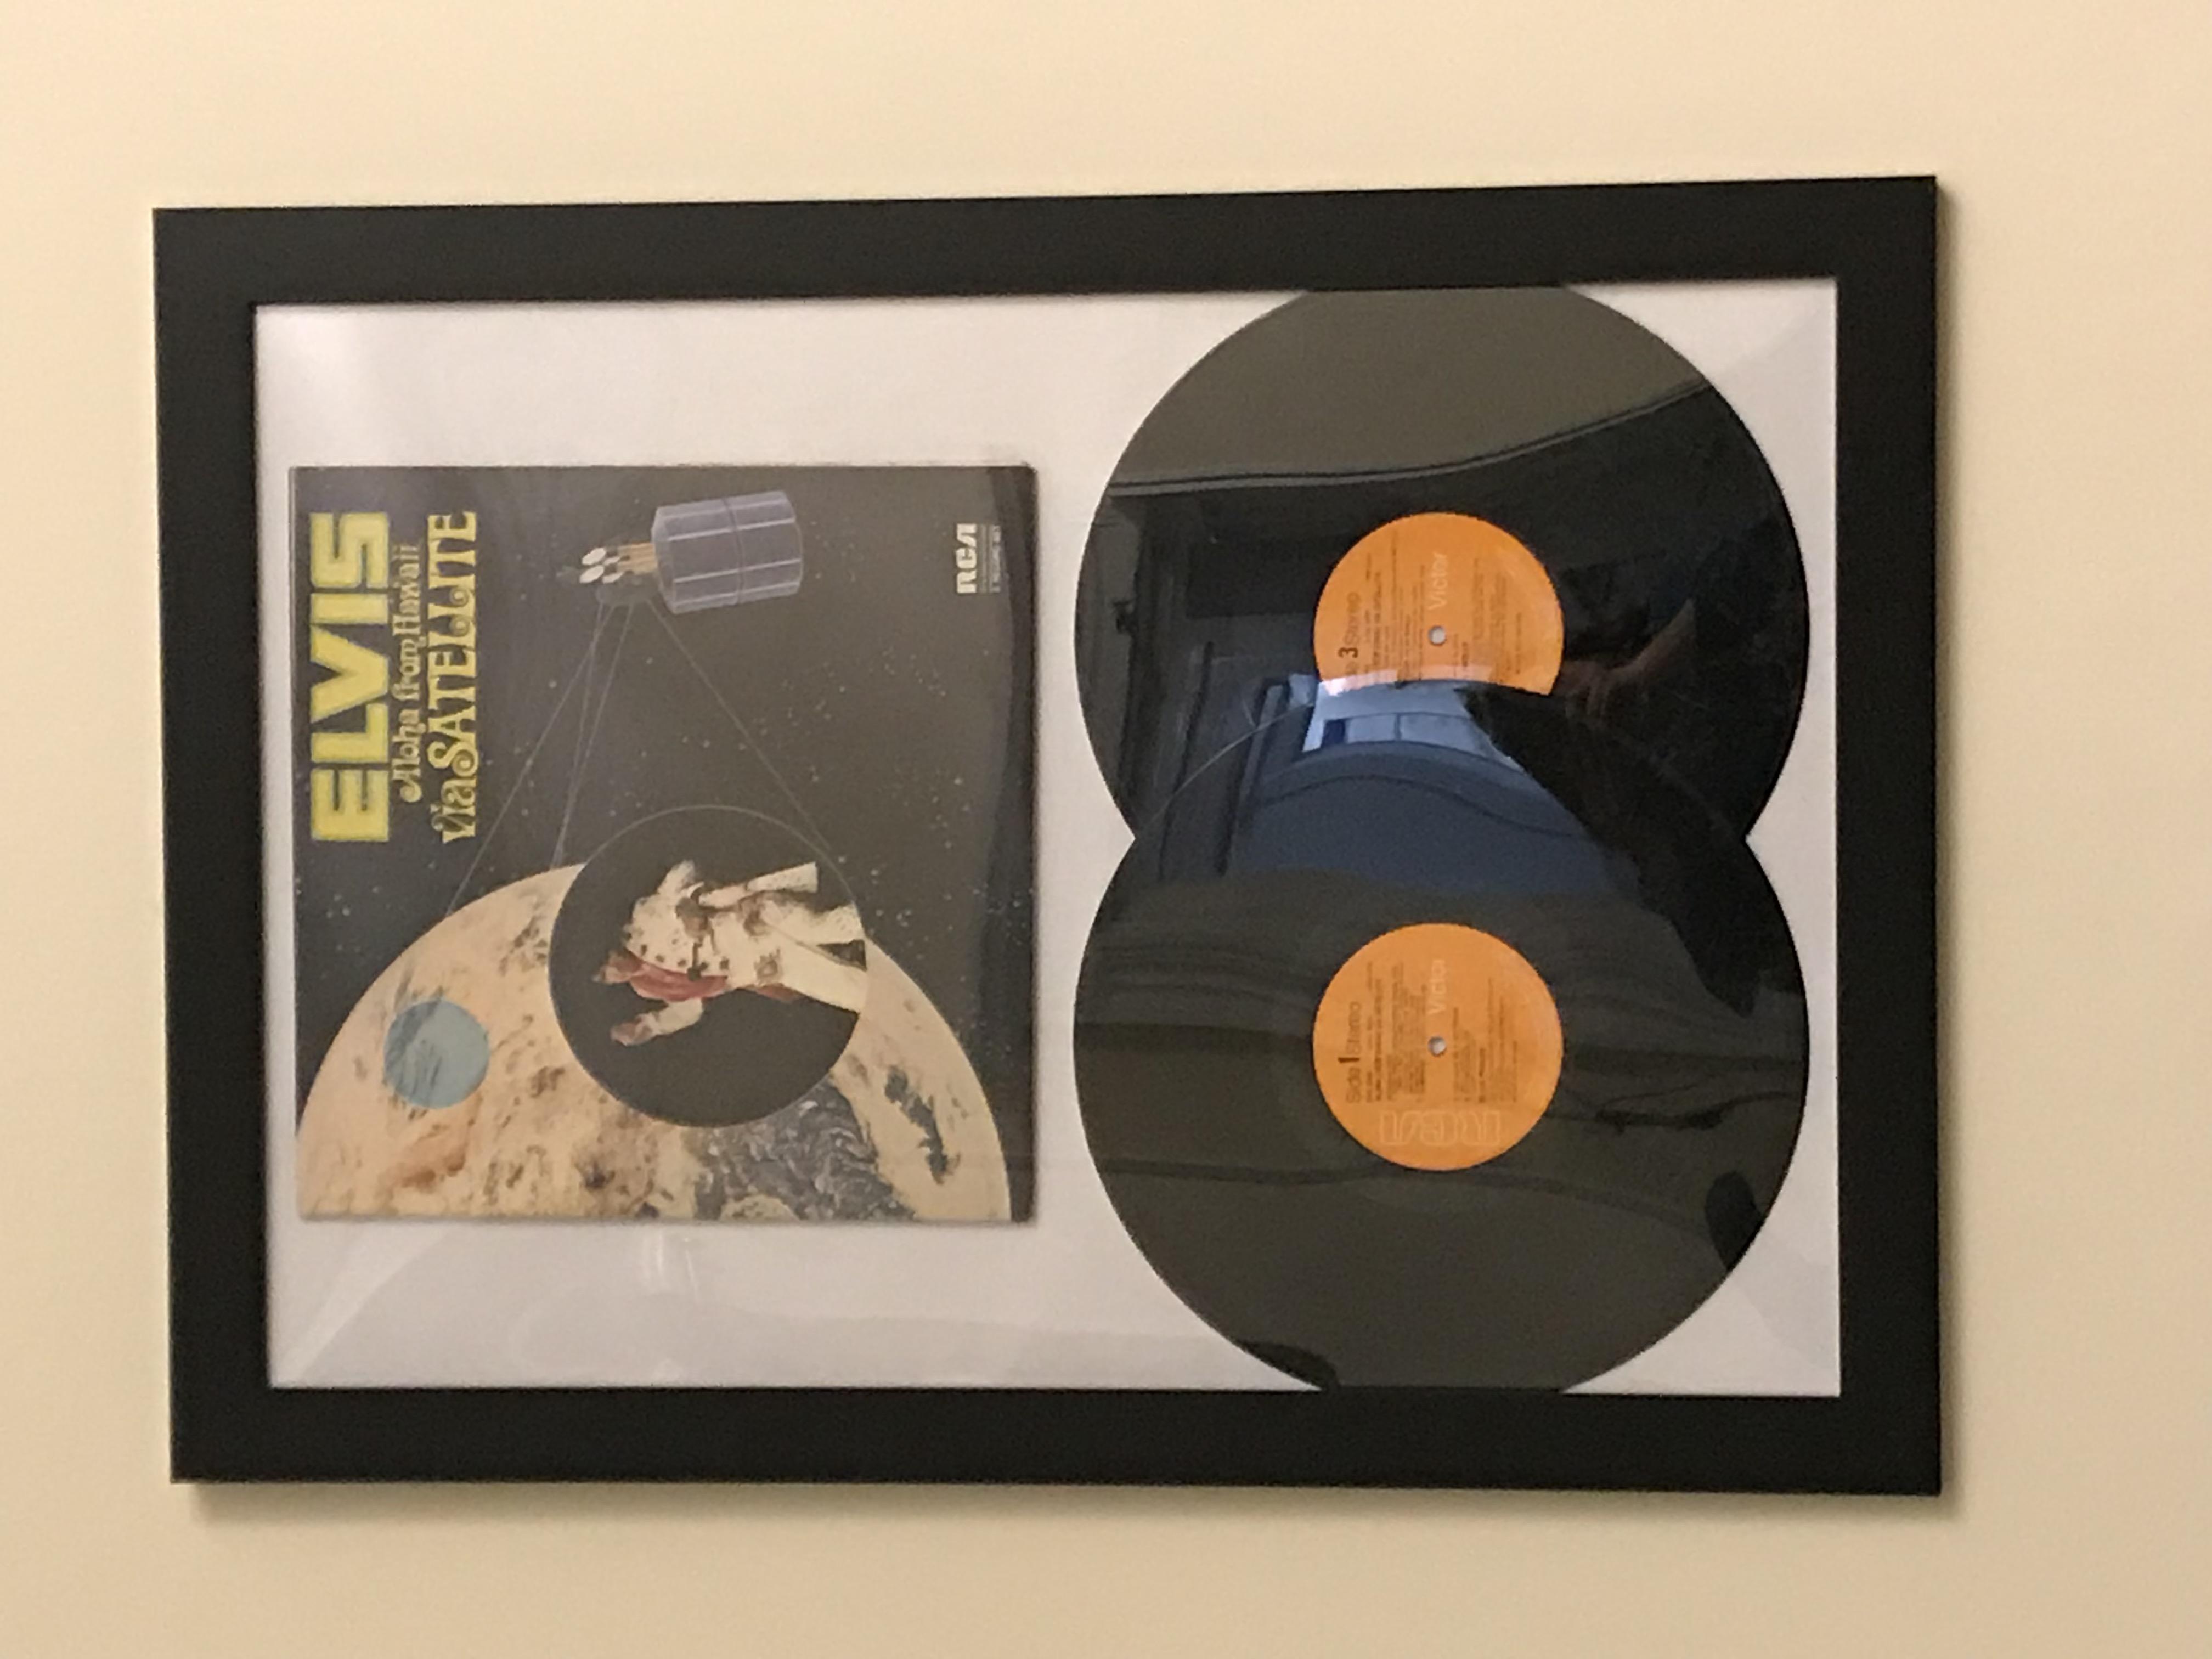 Framed Vintage Vinyl